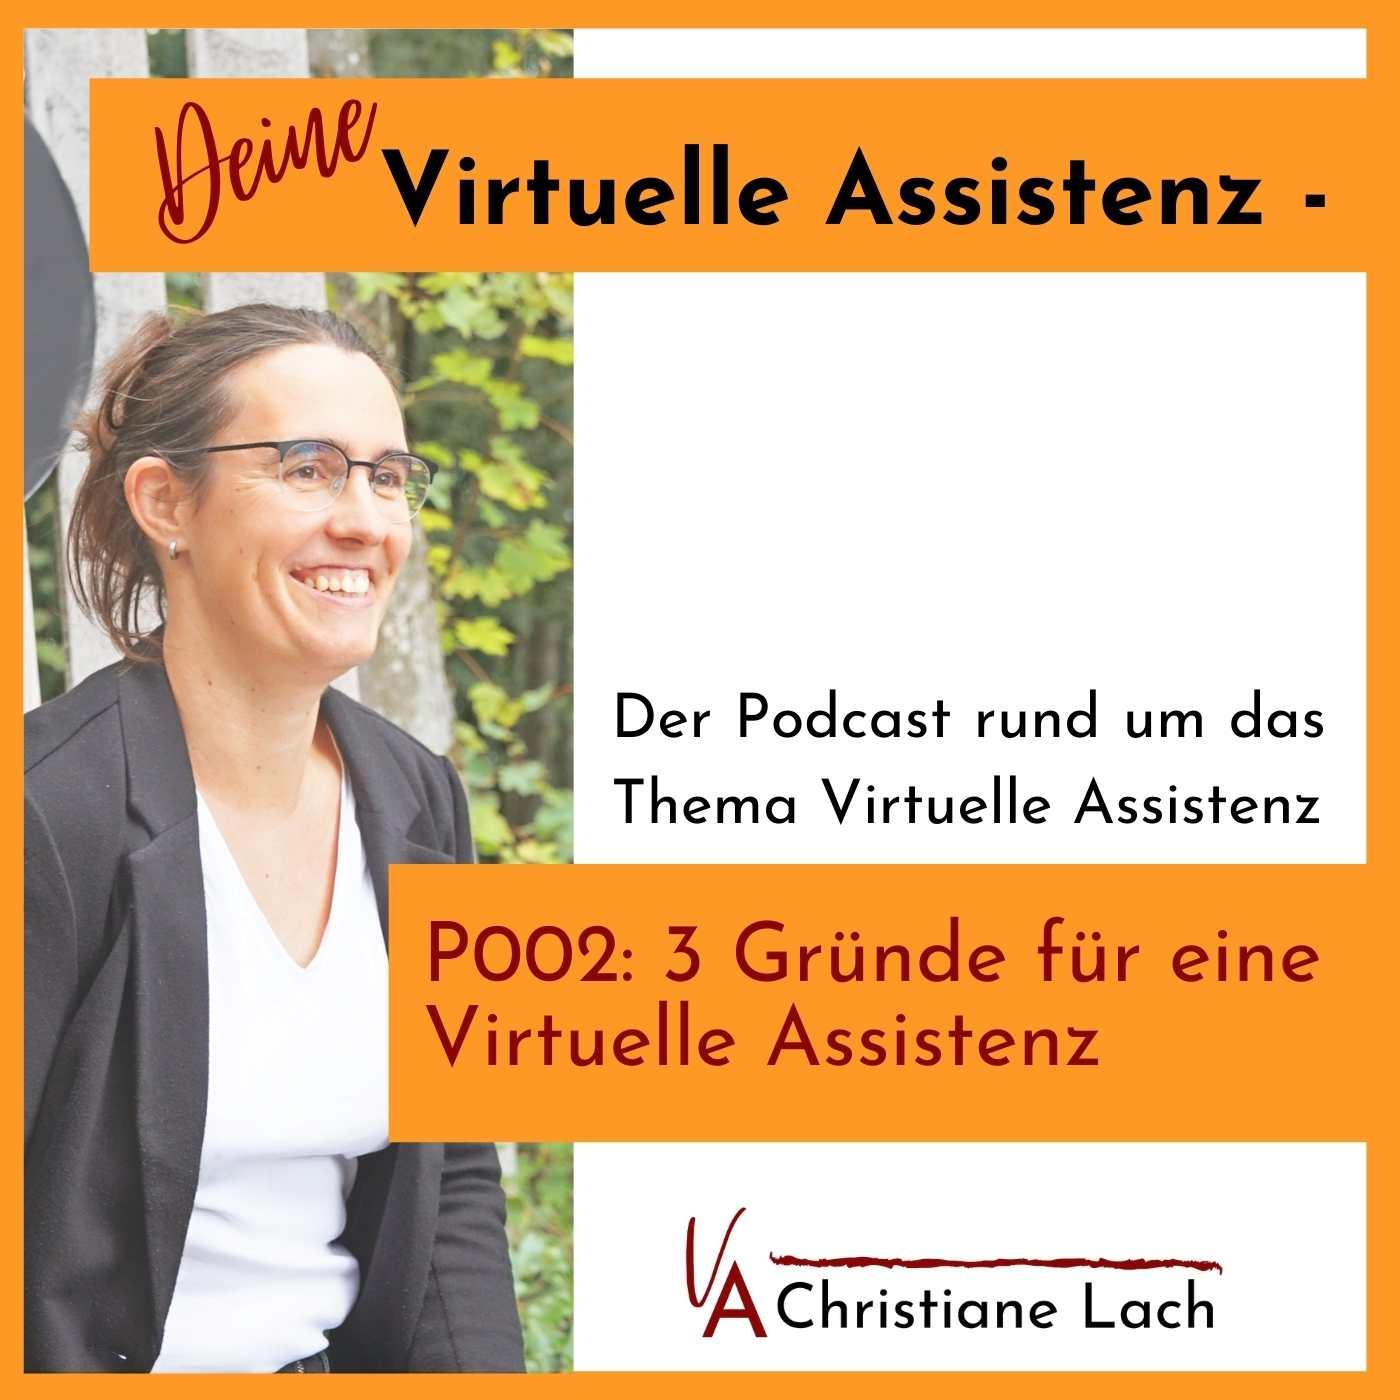 P002: 3 Gründe für eine virtuelle Assistenz